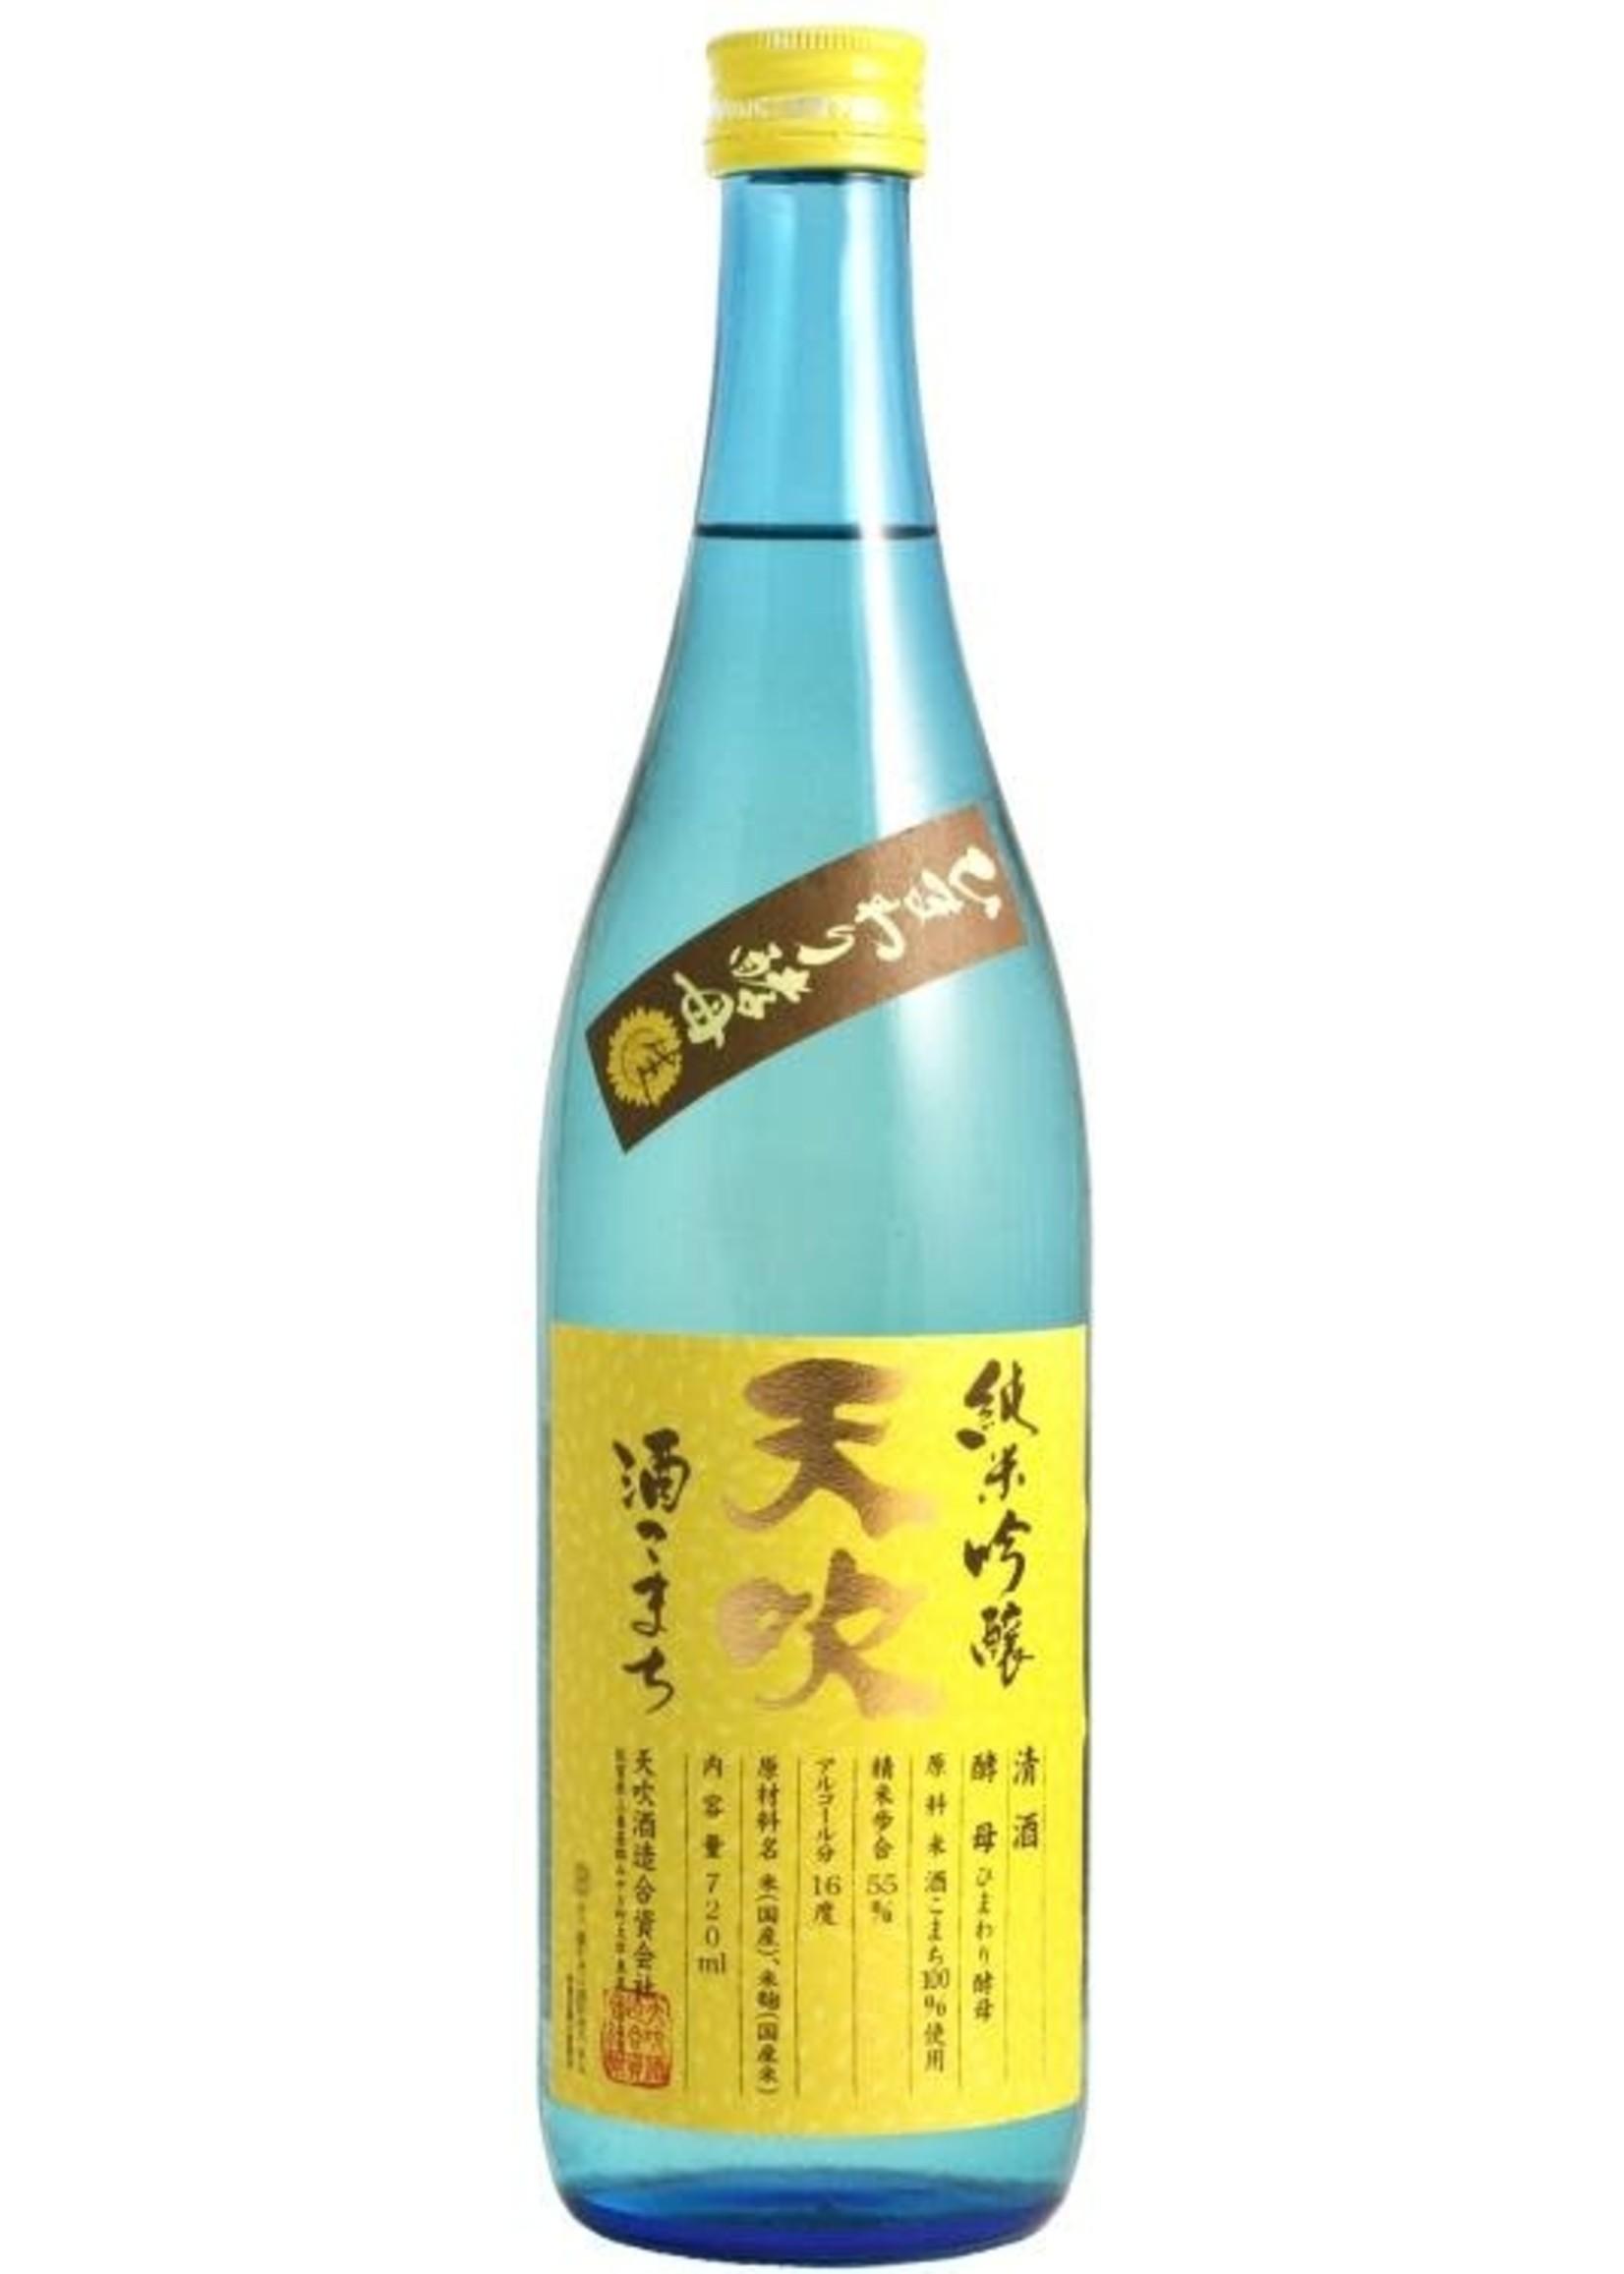 Amabuki Shuzo Amabuki Shuzo / Nama Himawari Sunflower Junmai Ginjo / 720 mL